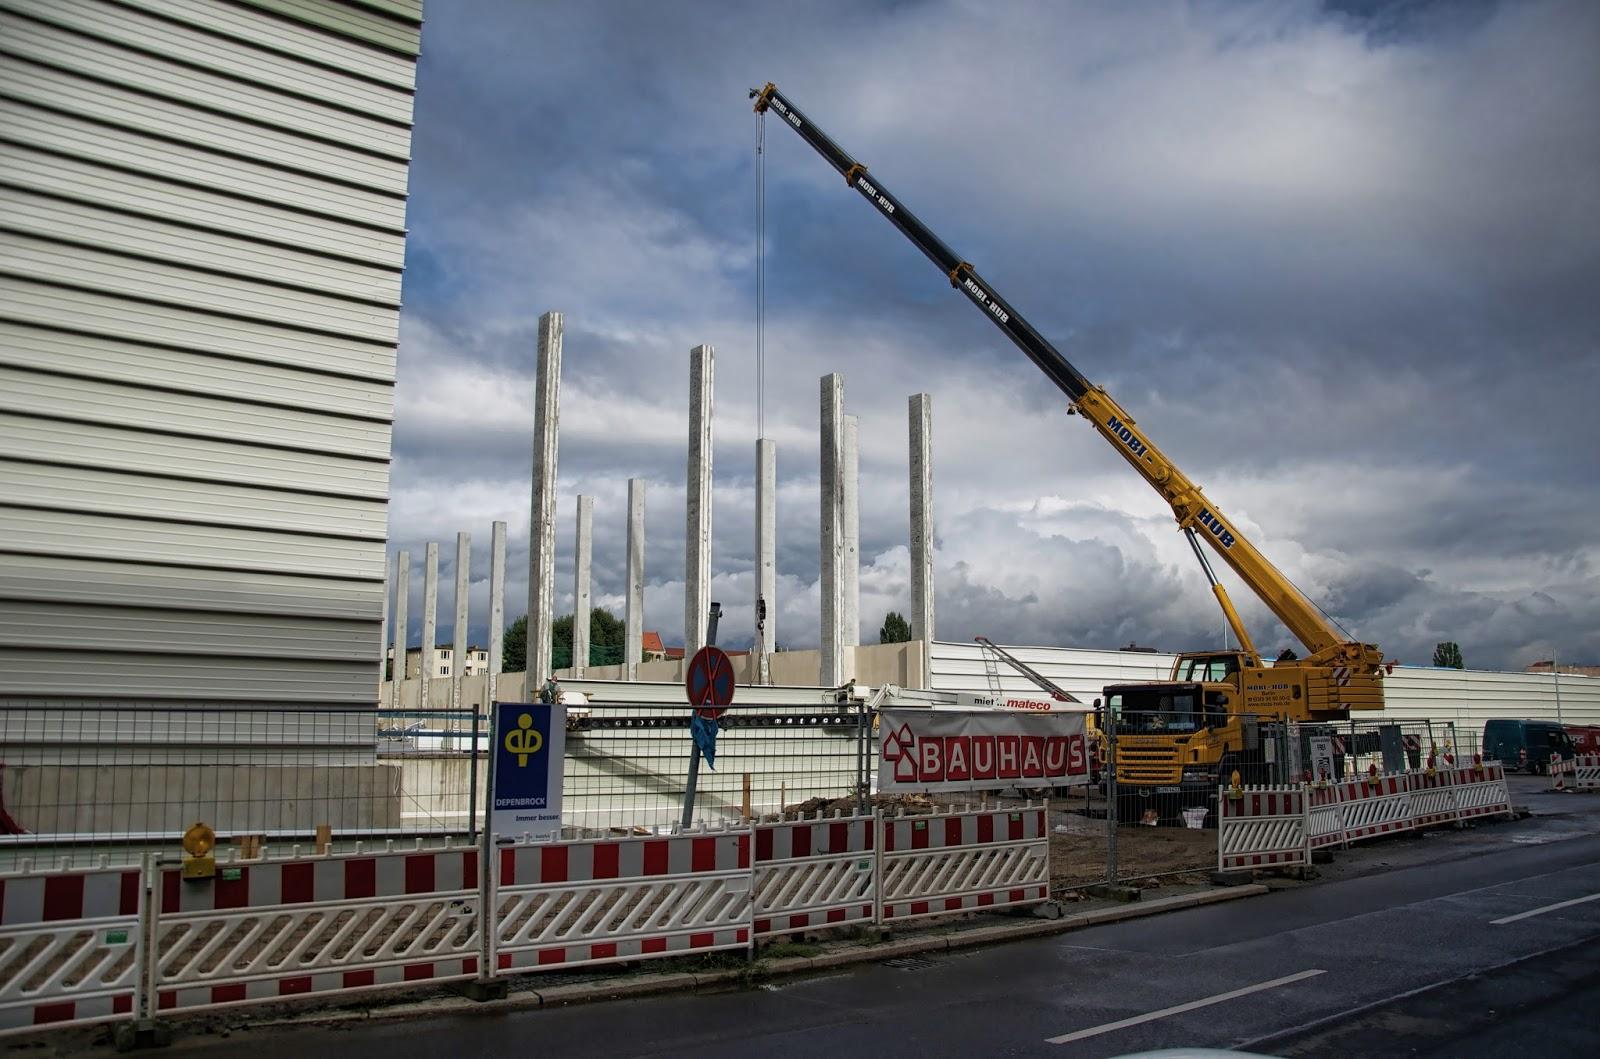 Bauhaus Halensee berliner baustellen 0101 baustelle neubau bauhaus fachzentrum